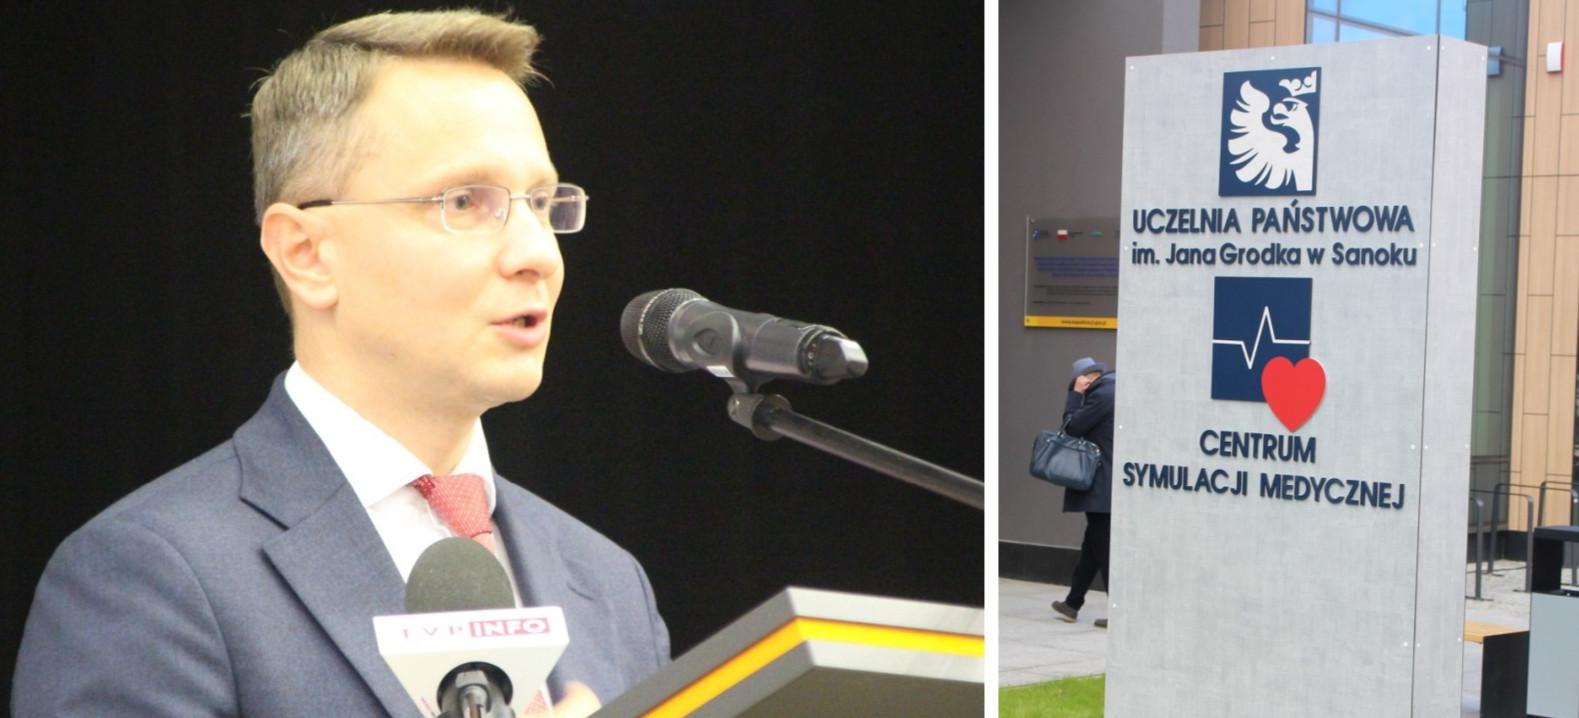 """""""Nowoczesny budynek CSM to duma dla Sanoka"""". Wystąpienie posła Uruskiego (VIDEO, ZDJĘCIA)"""